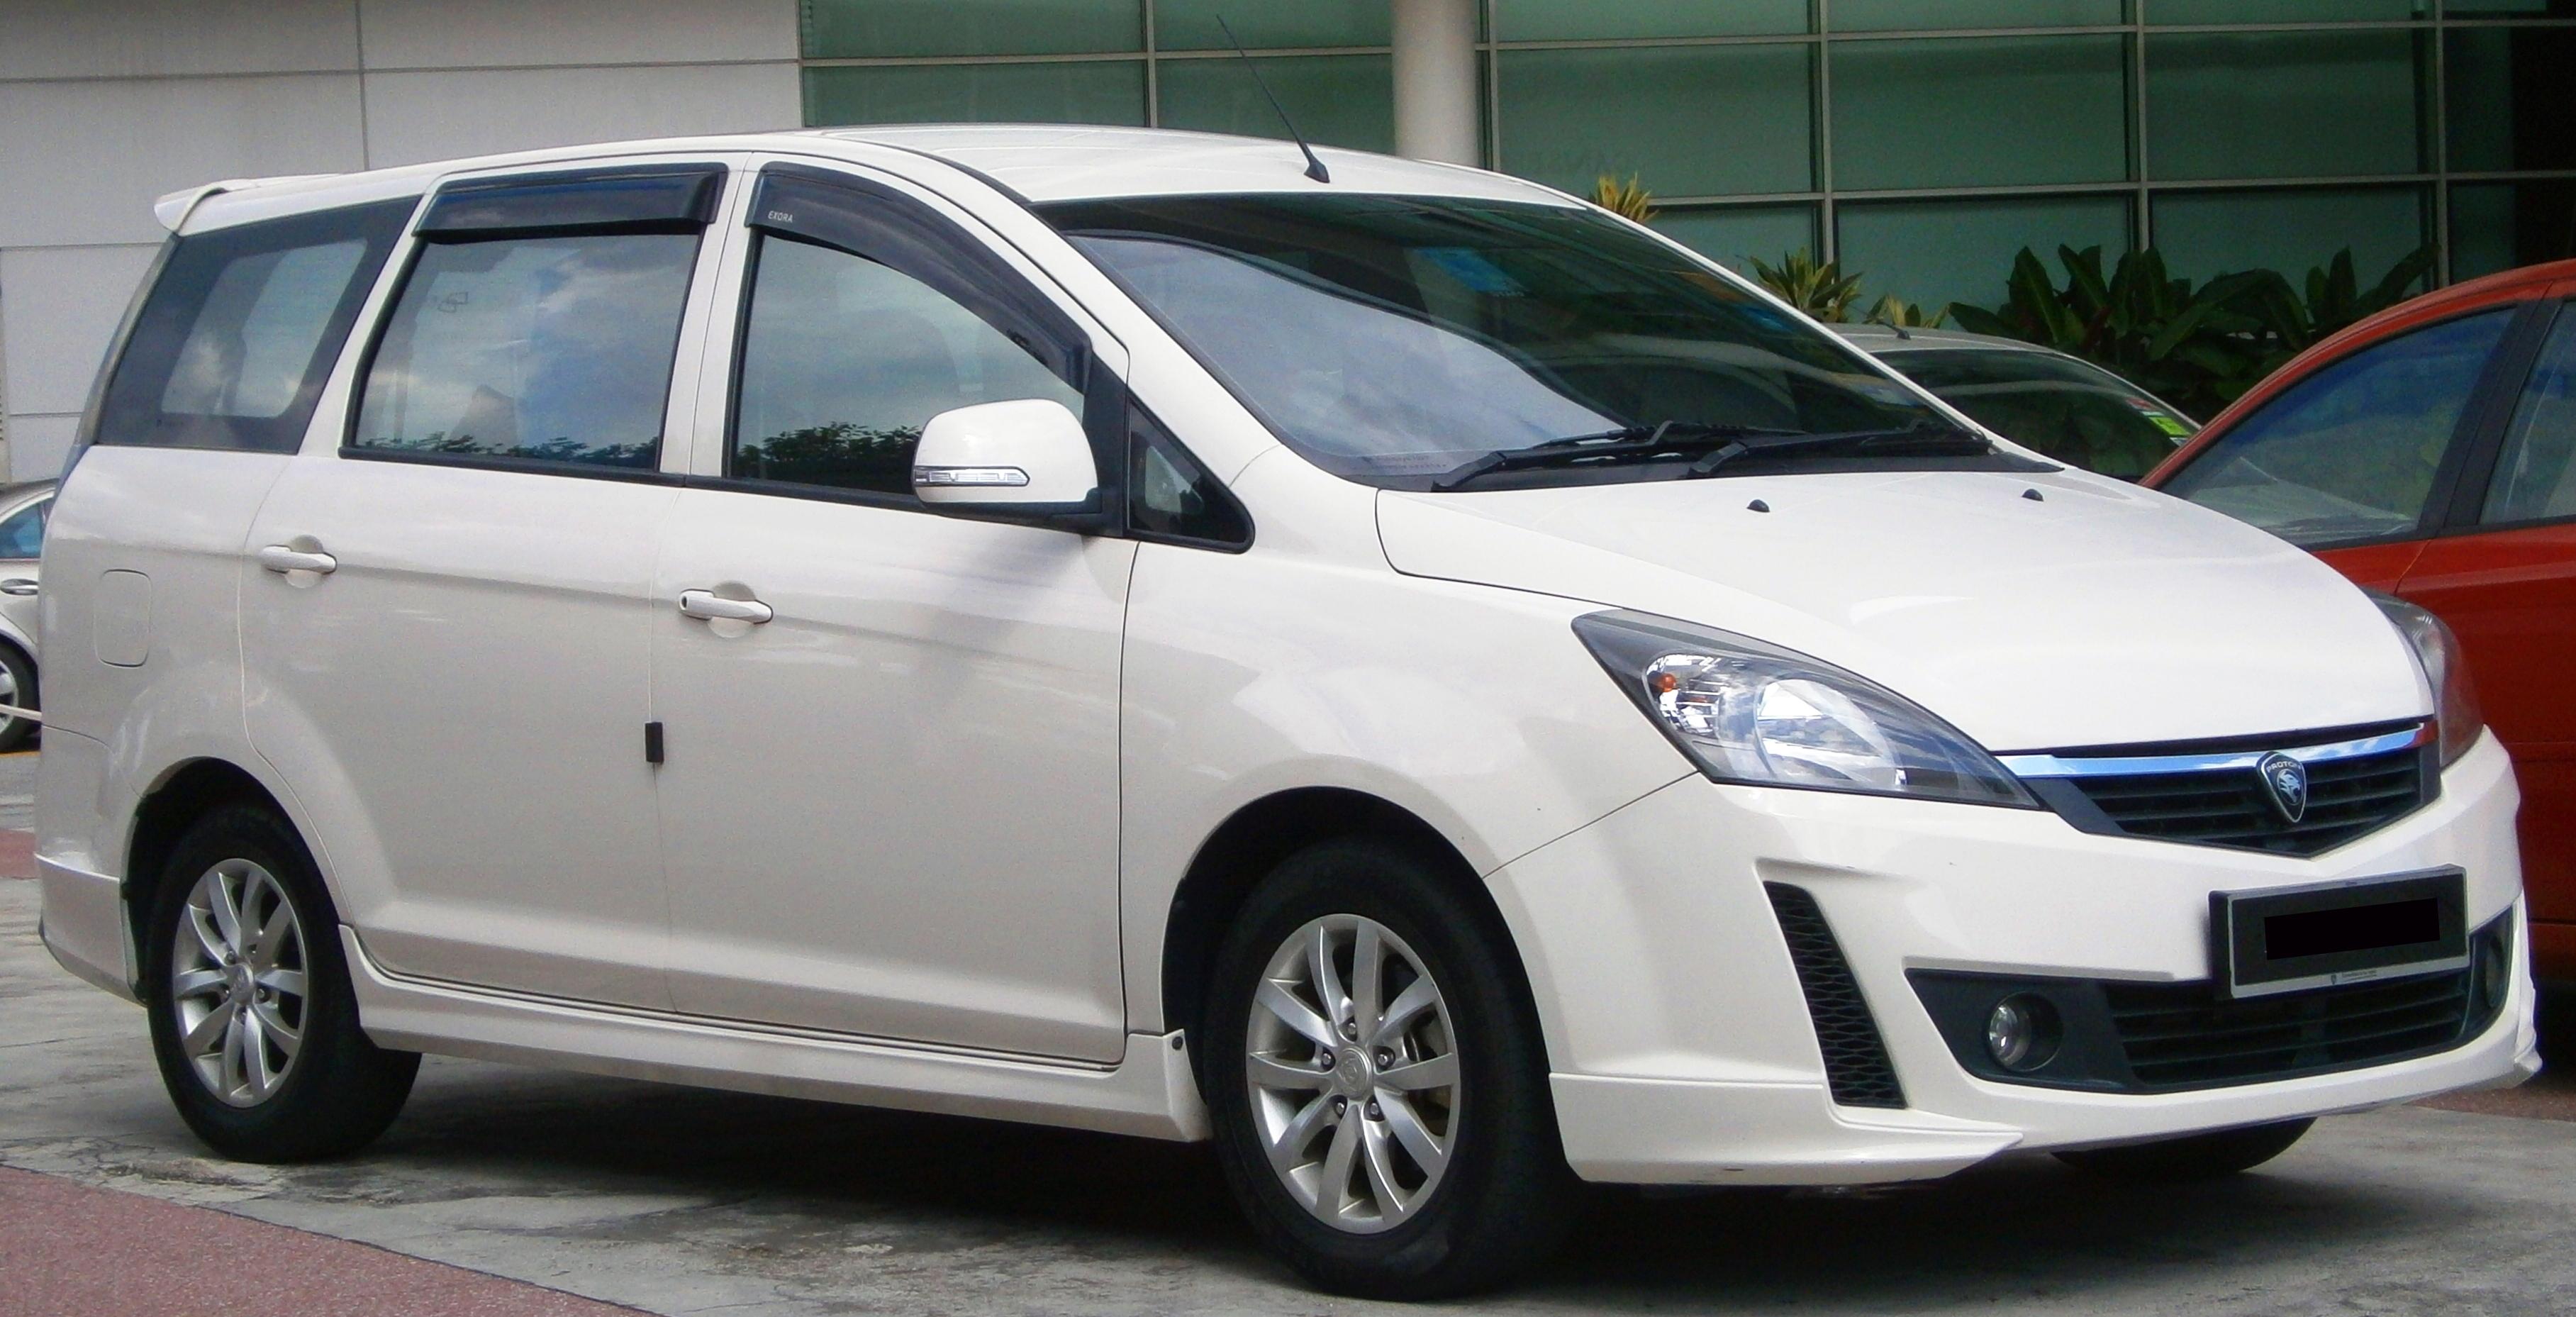 Exora Baru  Proton Exora Wikipedia  Ford Price